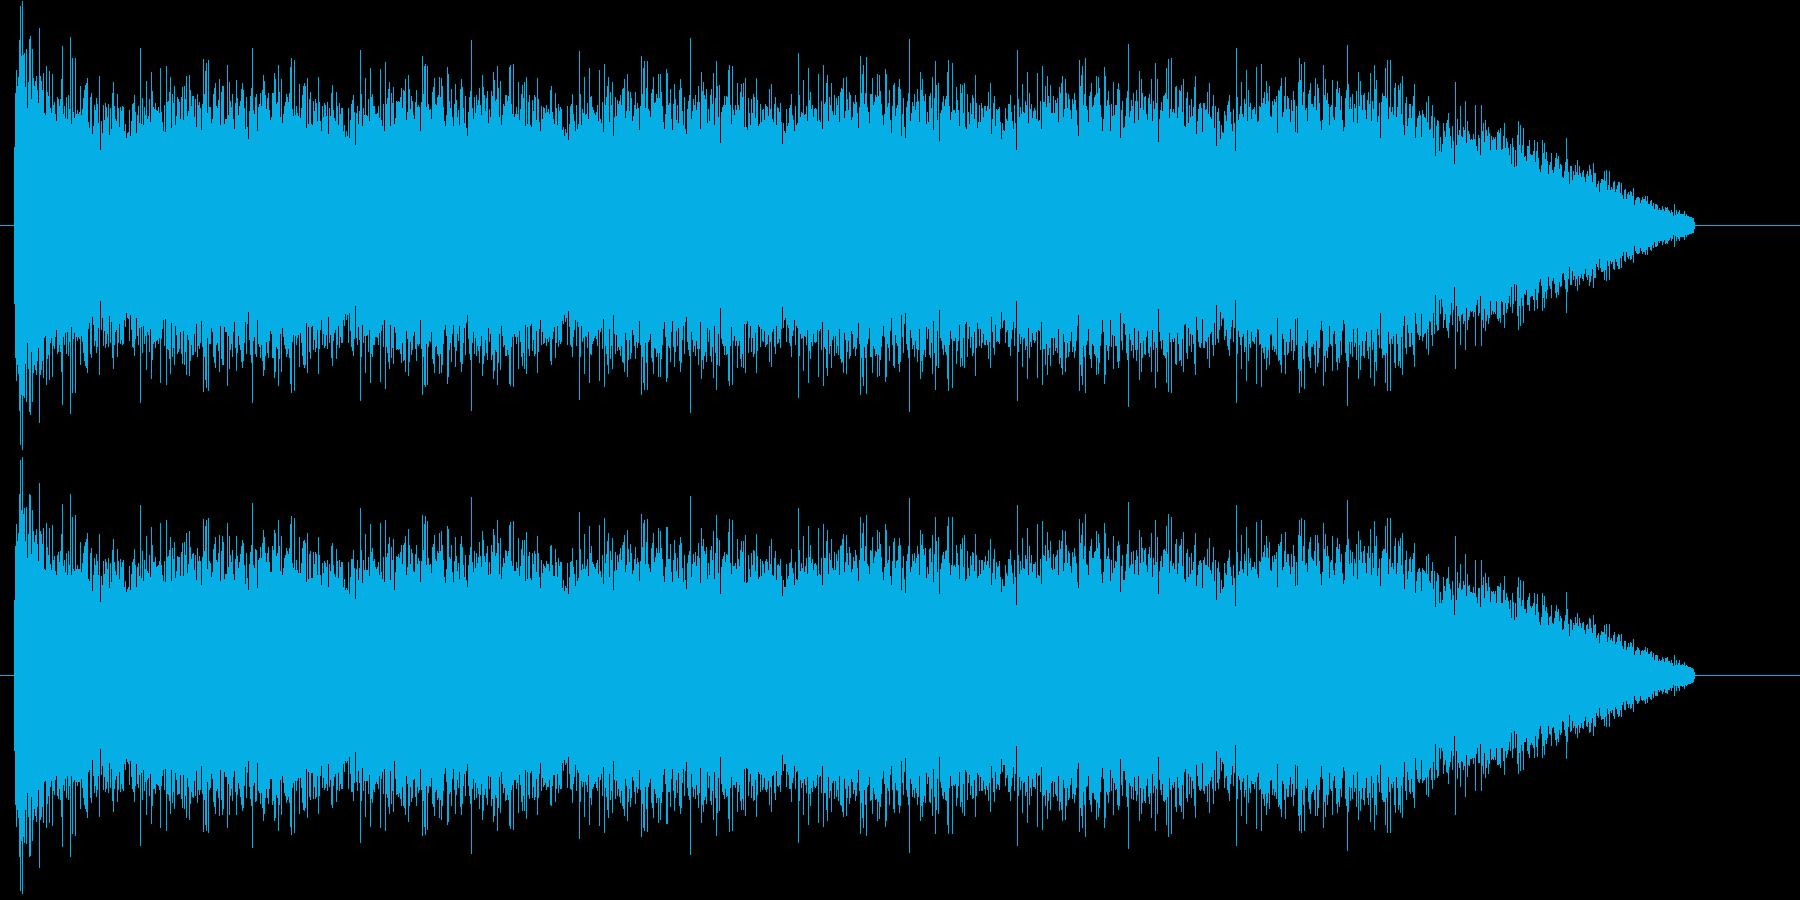 シュー!ガス漏れの効果音です!の再生済みの波形